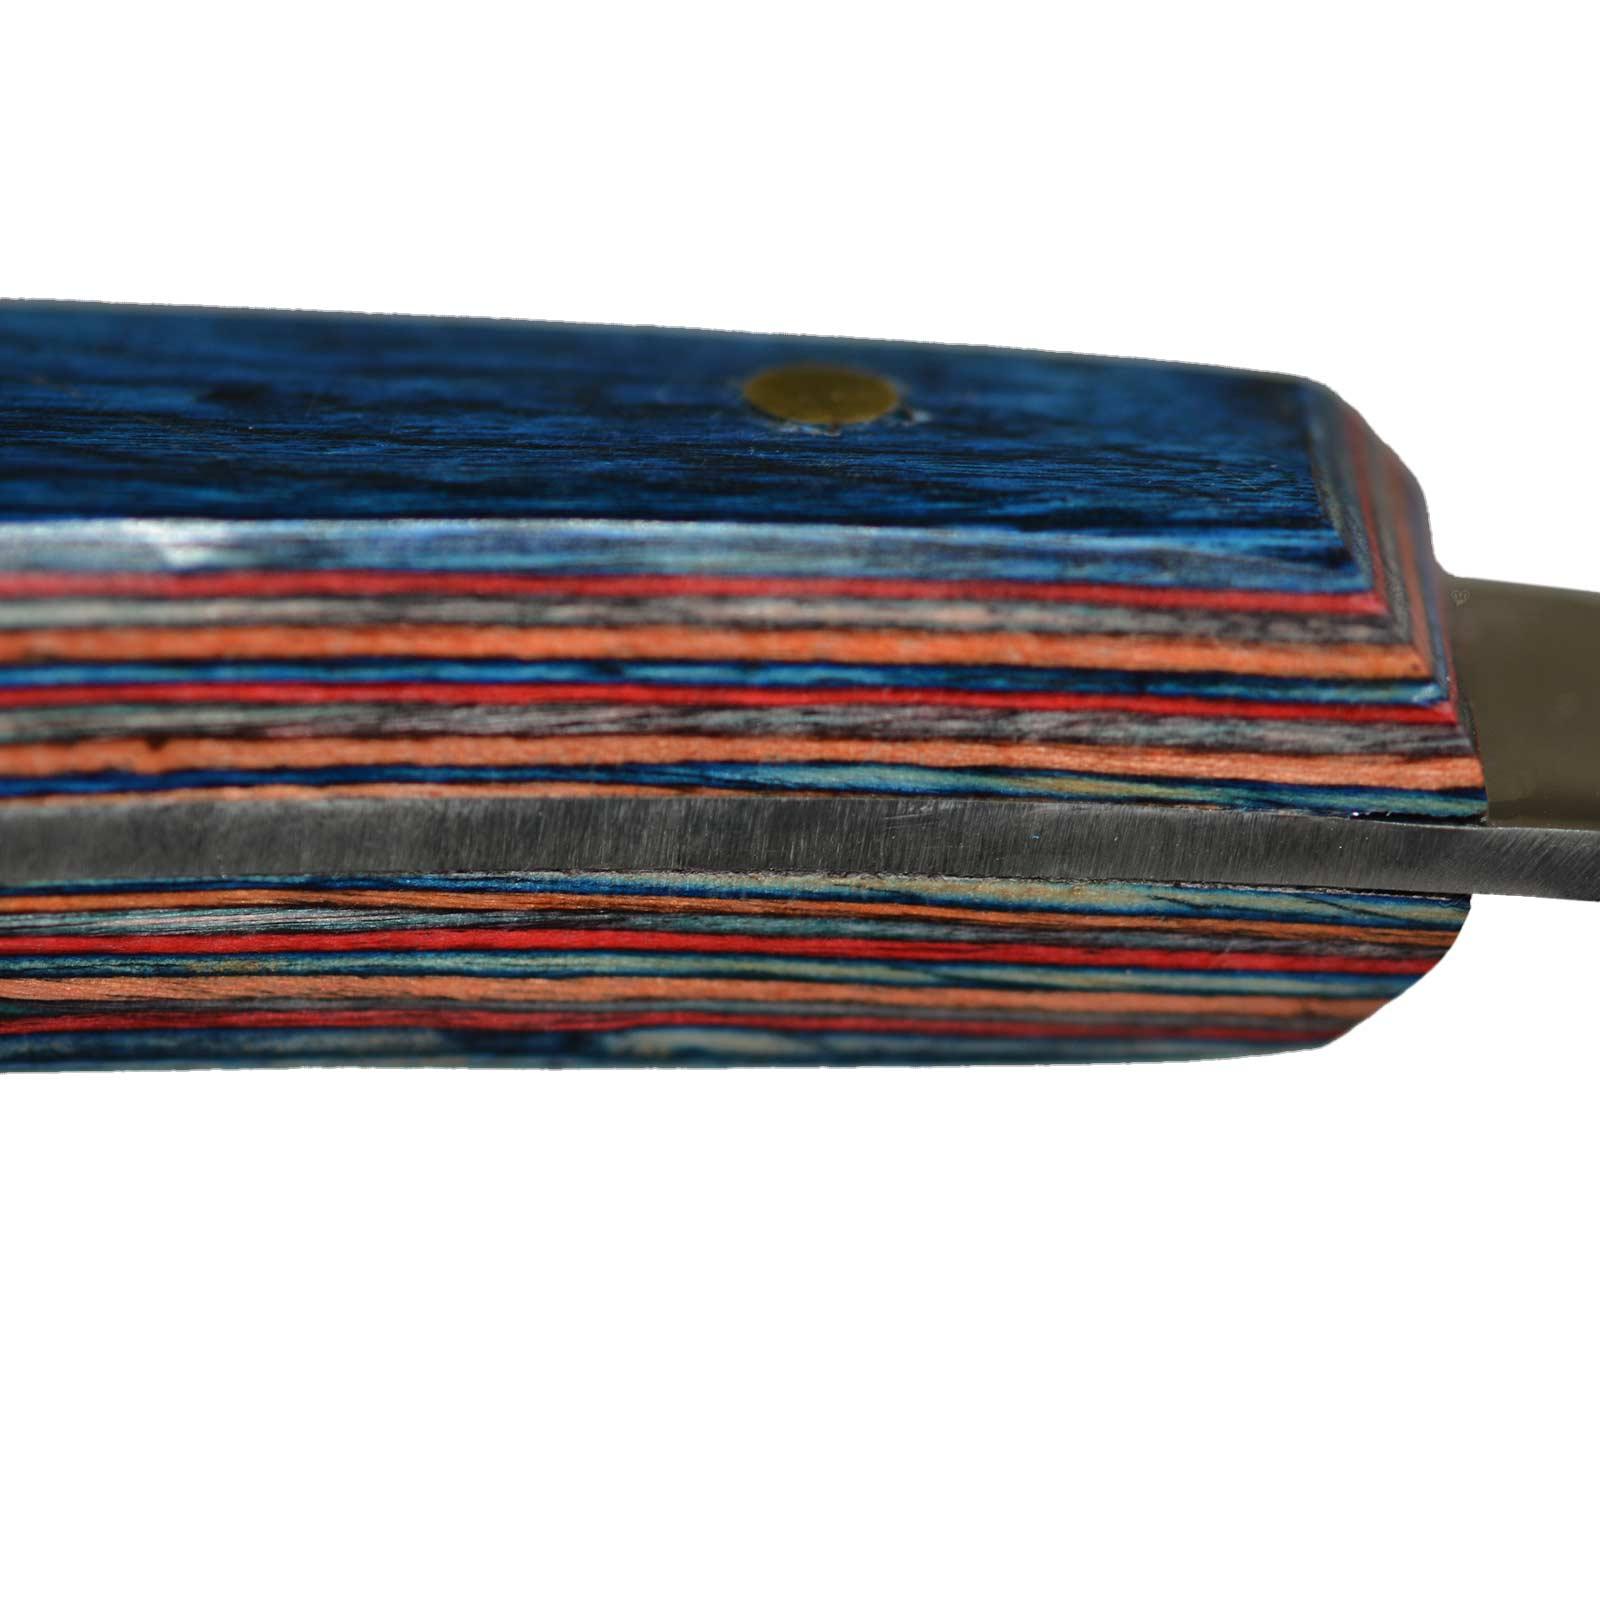 Hufmesser Klauenmesser Rinnenmesser edler Holzgriff - Rechtshänder/Linkshänder – Bild 5